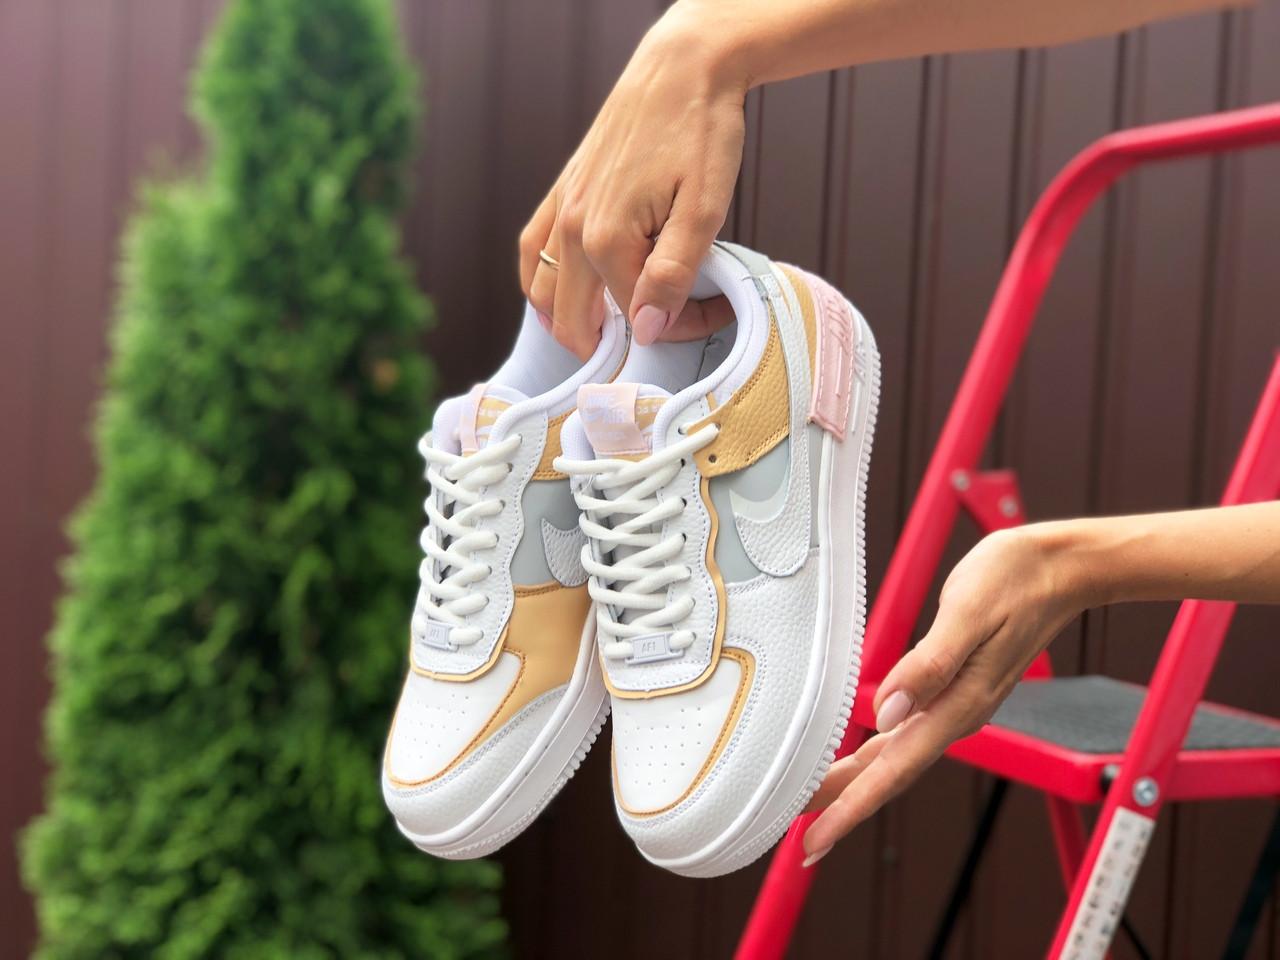 Женские кроссовки Nike Air Force белые. Стильные кроссовки женские белого цвета.